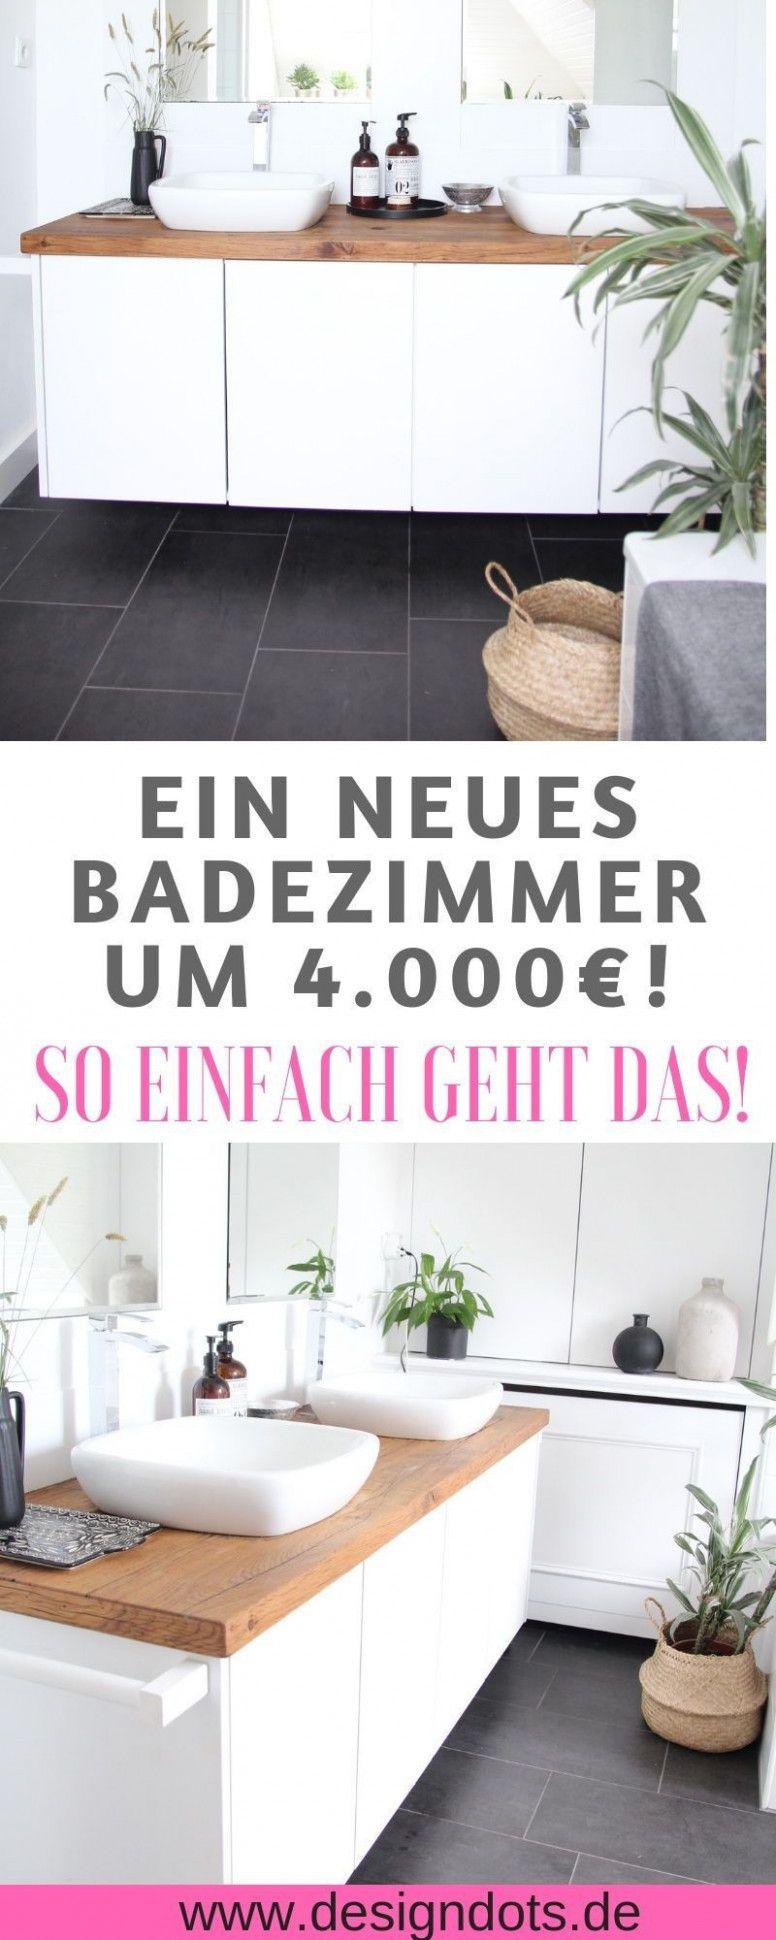 12 Mietwohnung Arbeits Fliesen In 2020 Bad Renovieren Alte Bader Bad Renovieren Kosten